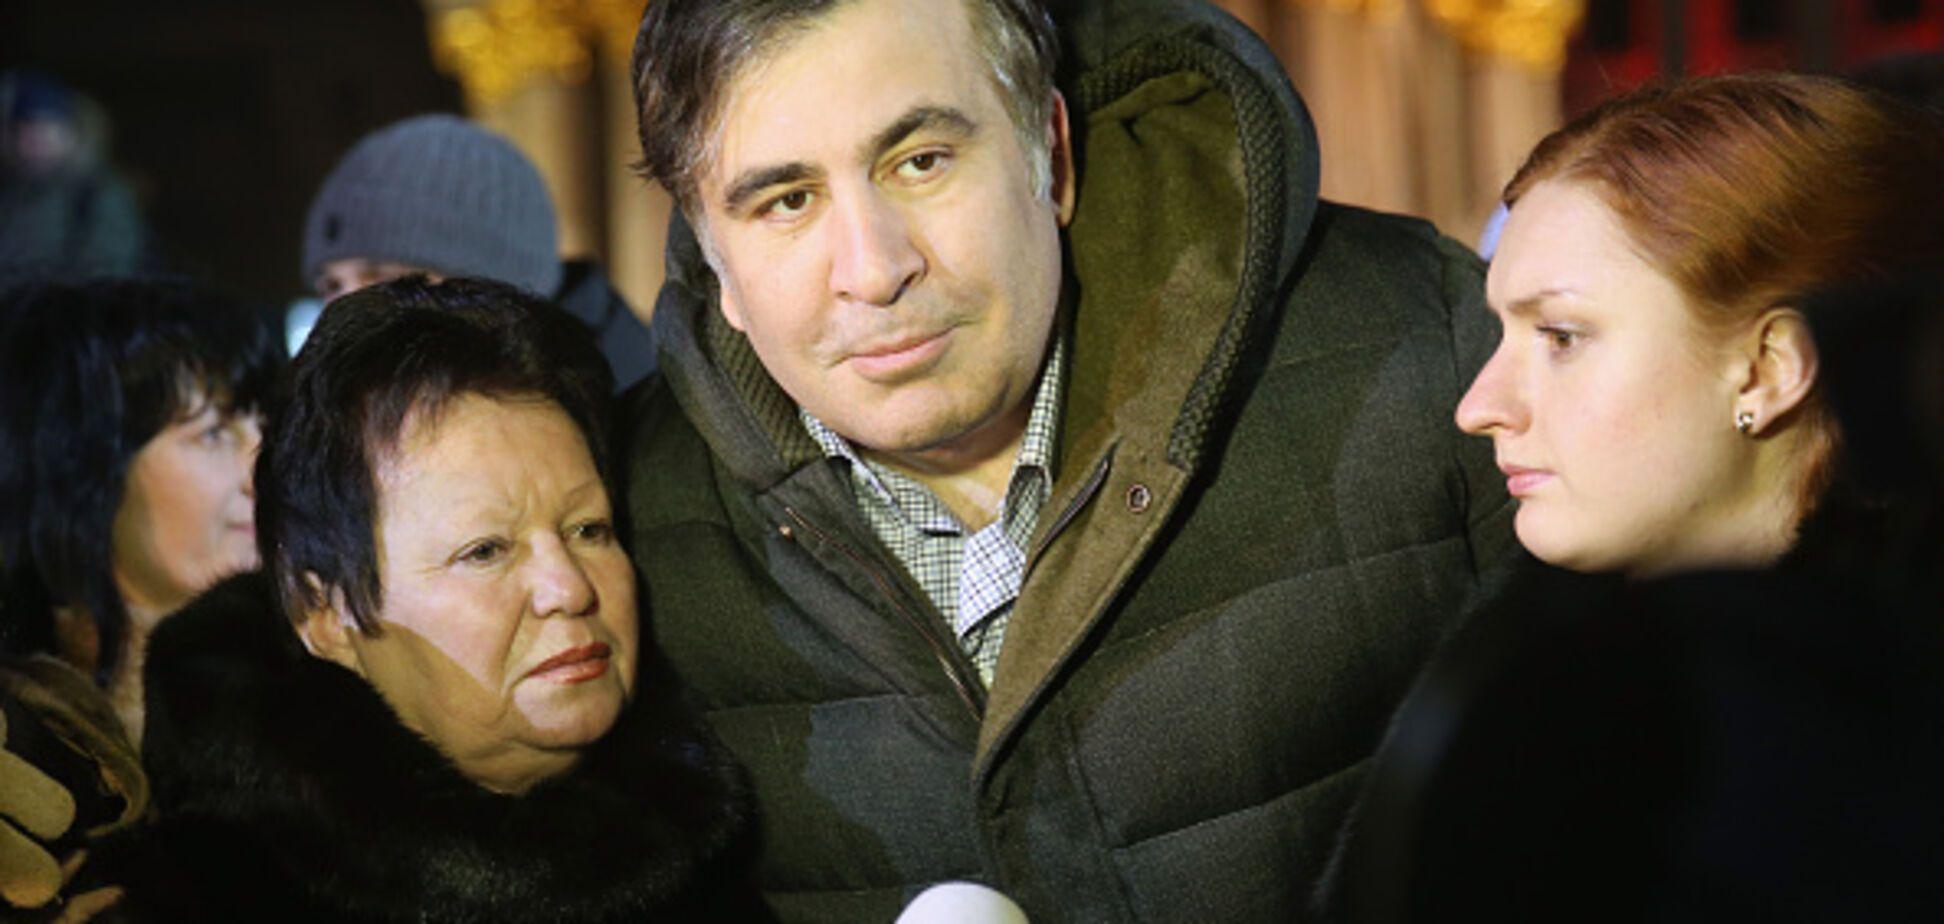 'Почему не в палатке?' Саакашвили застукали с незнакомкой в дорогом ресторане